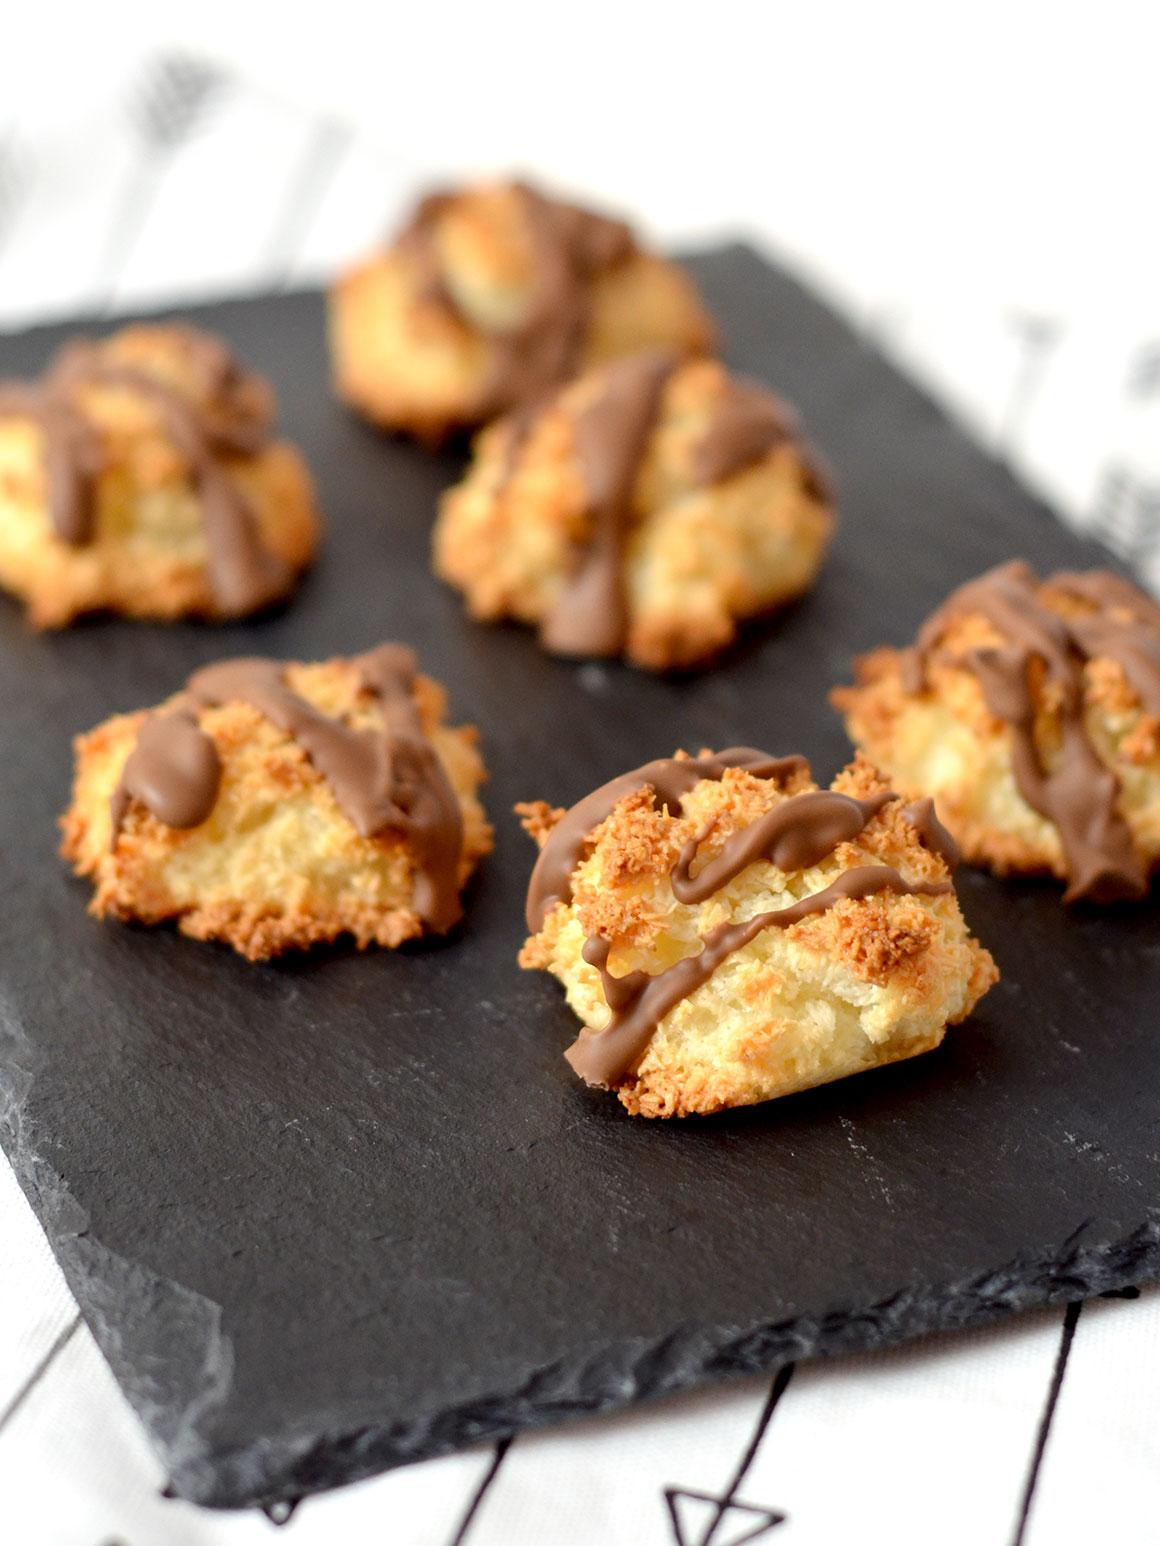 Te lekkere kokosmakronen met chocola